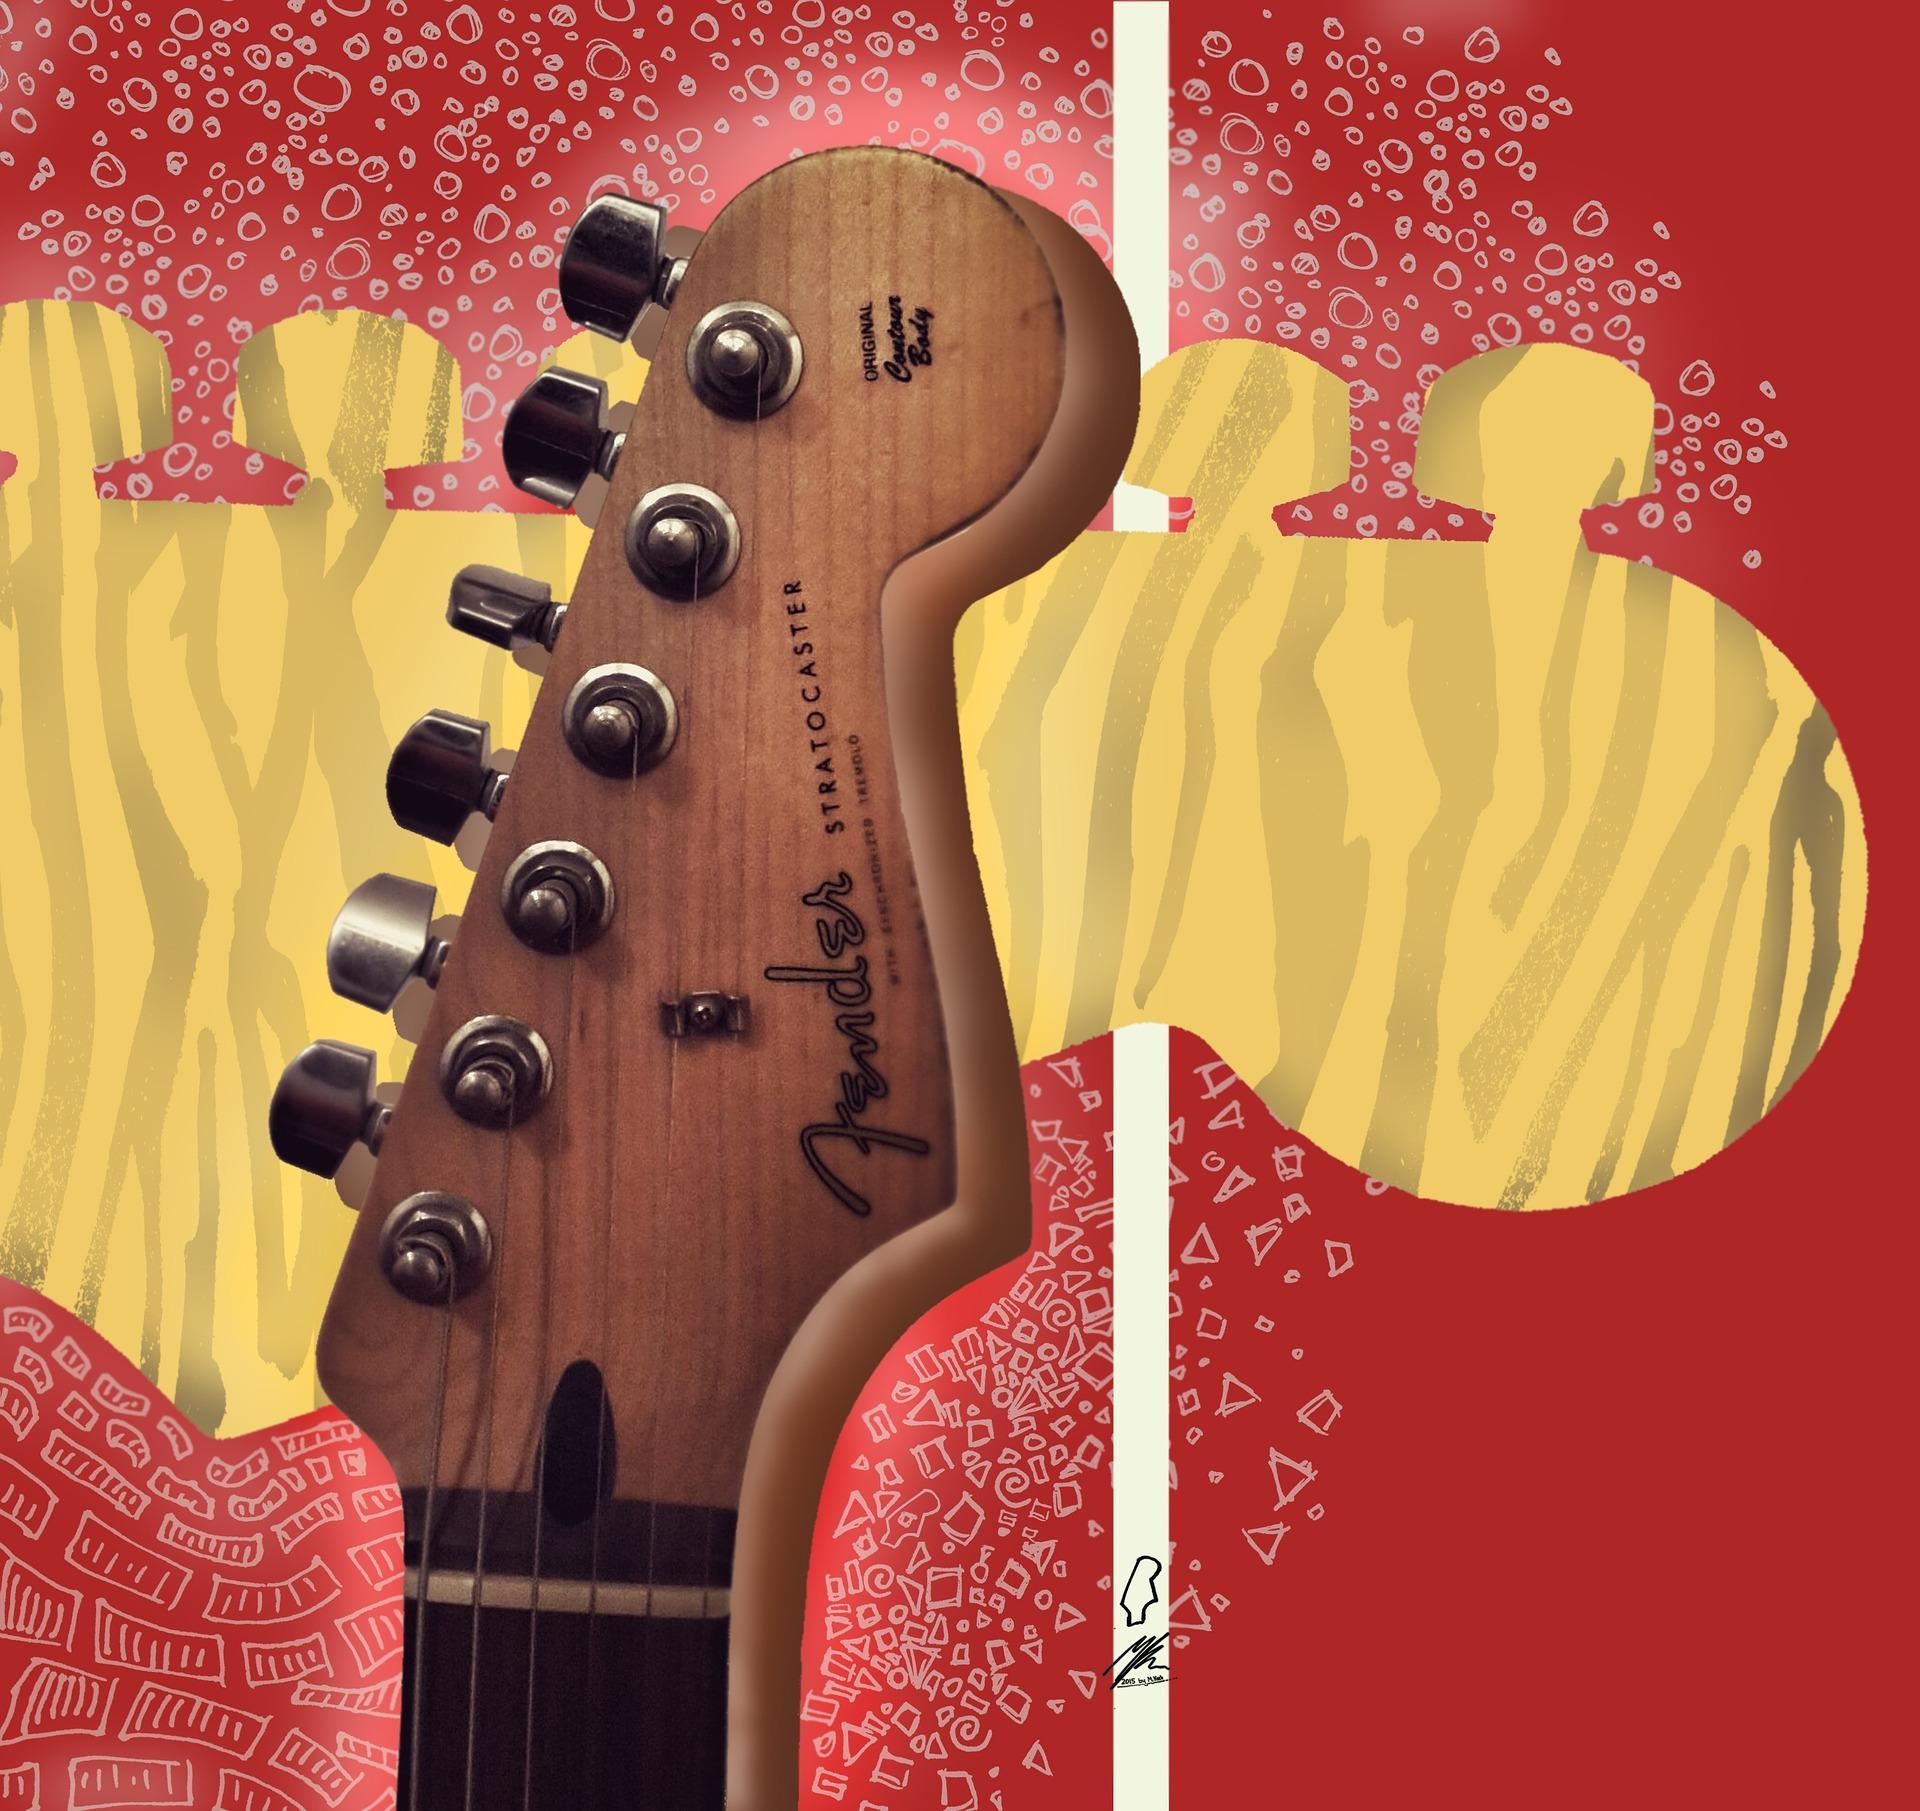 ギターは資産になる?実物資産の投資先として優れている3つの理由を紹介